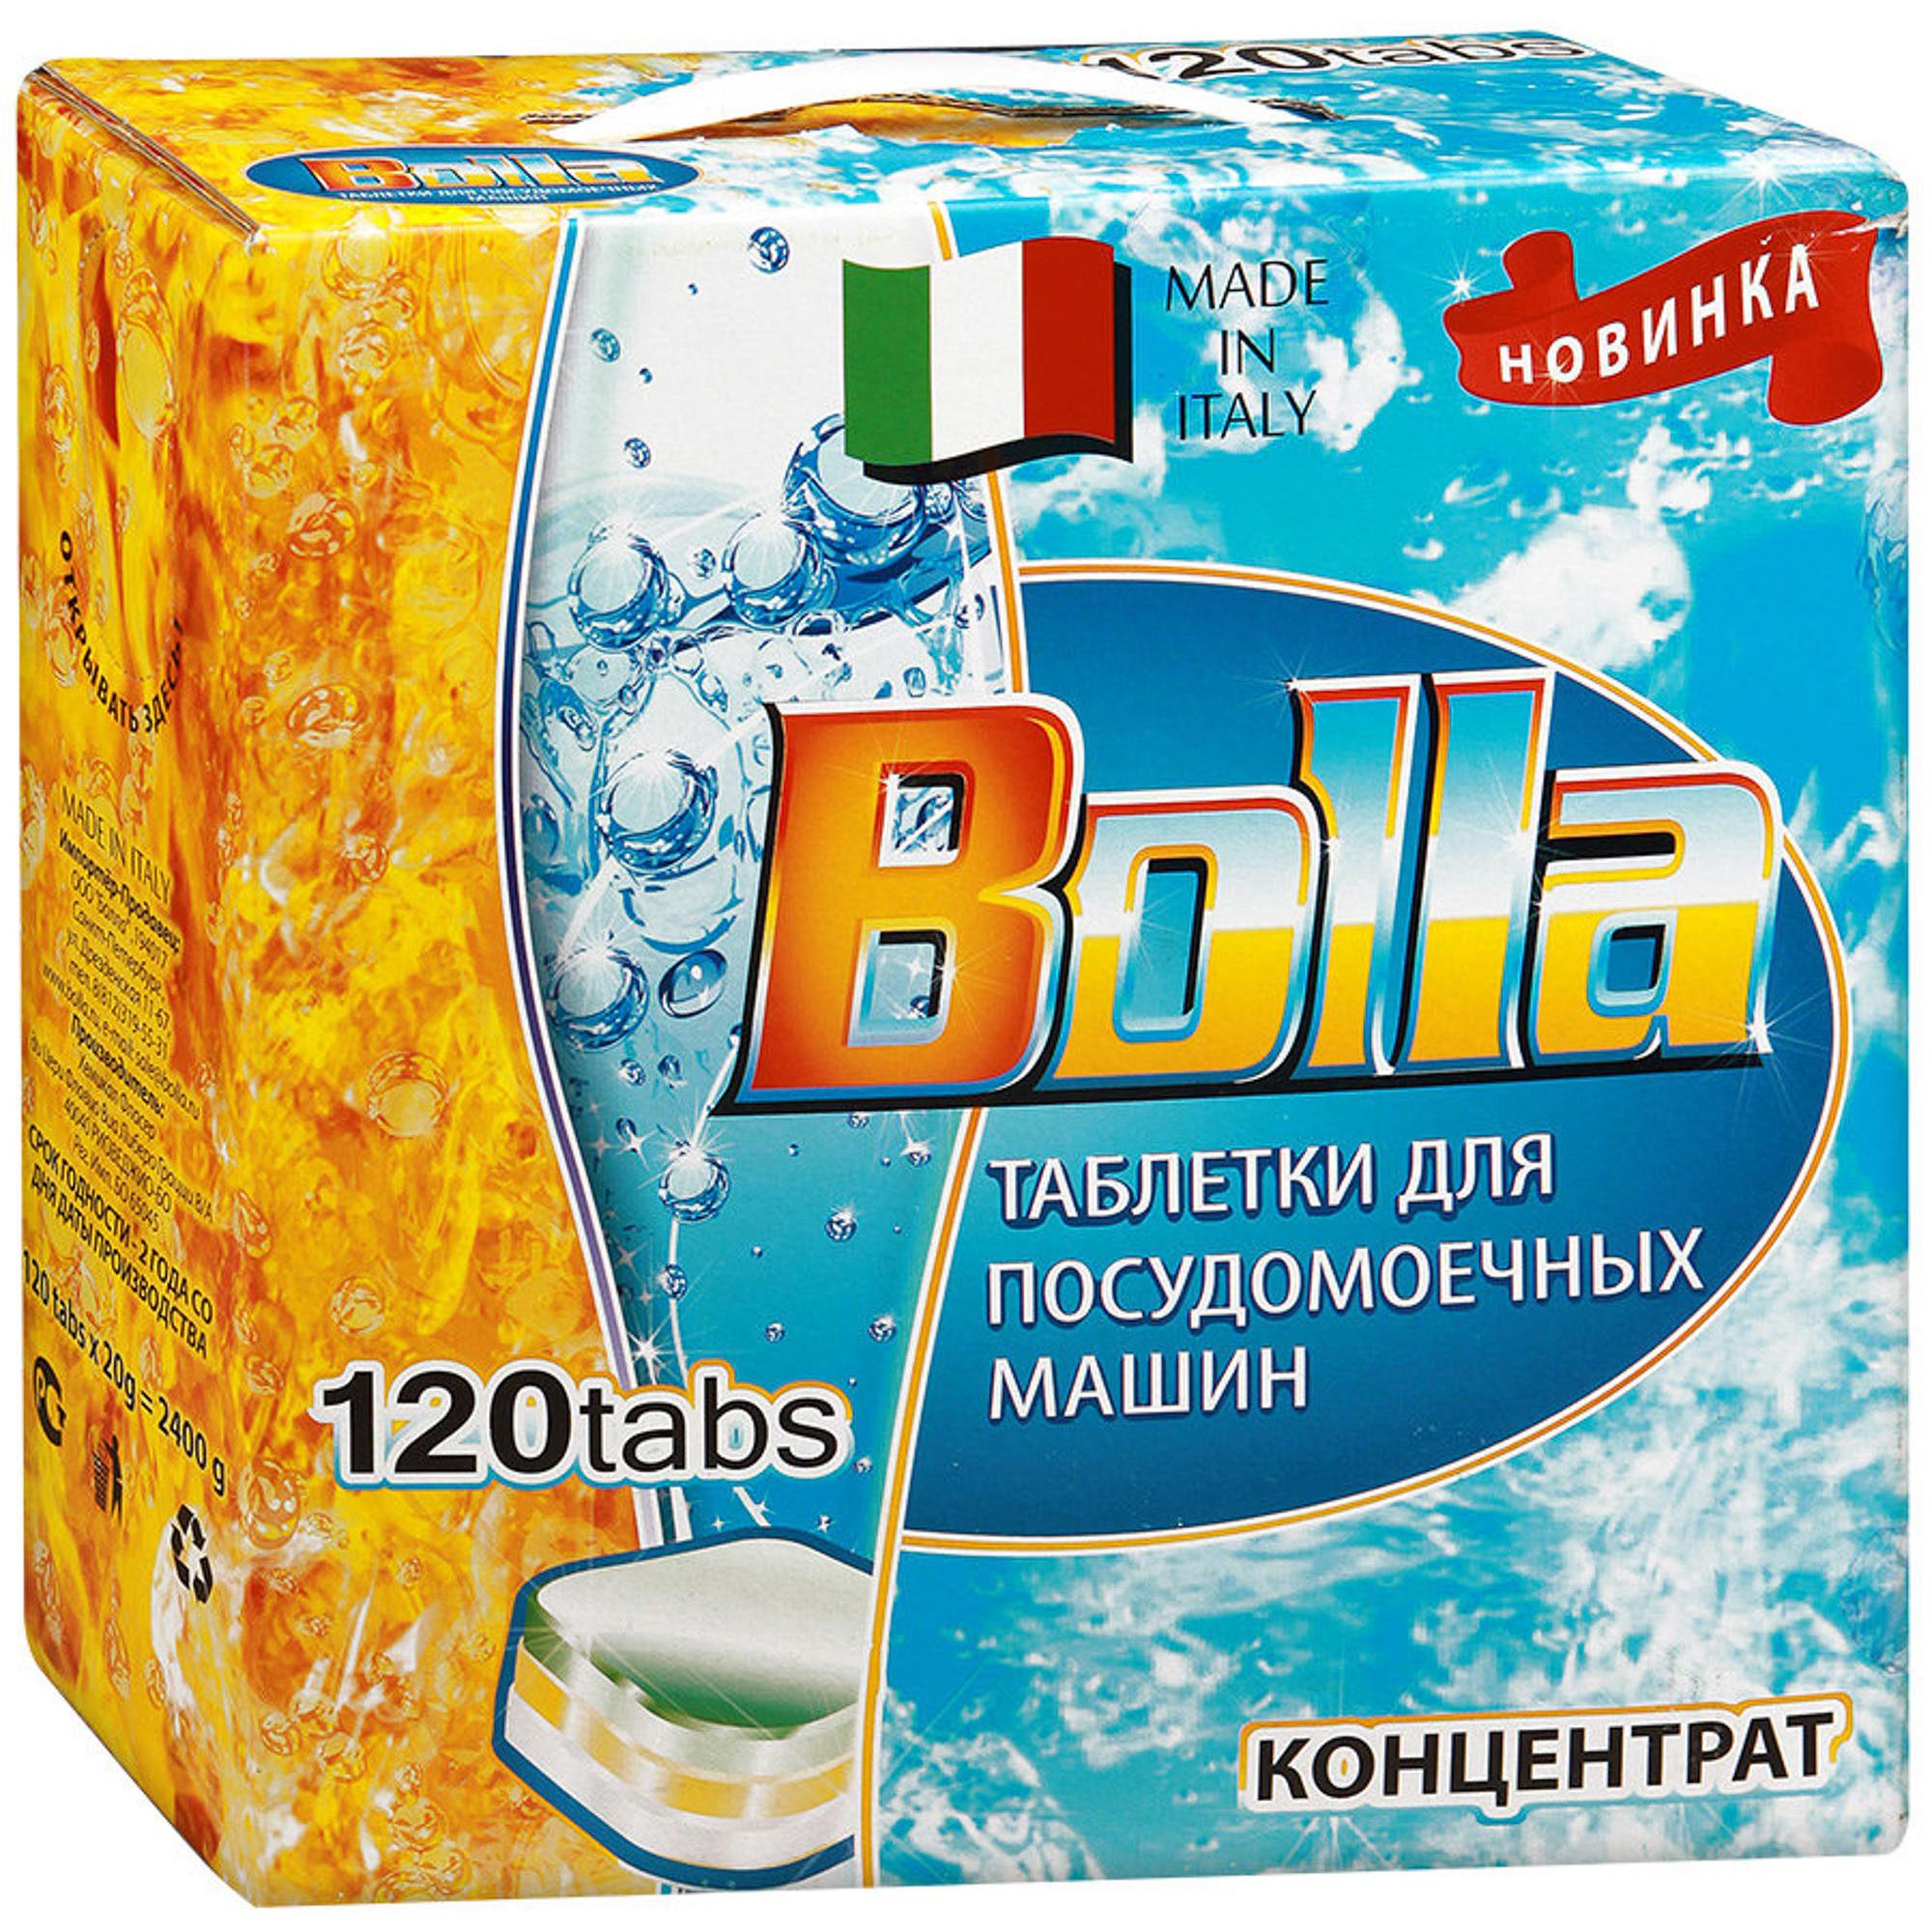 Таблетки Bolla для посудомоечных машин 7-в-1 120 шт таблетки для посудомоечных машин somat classic 120шт